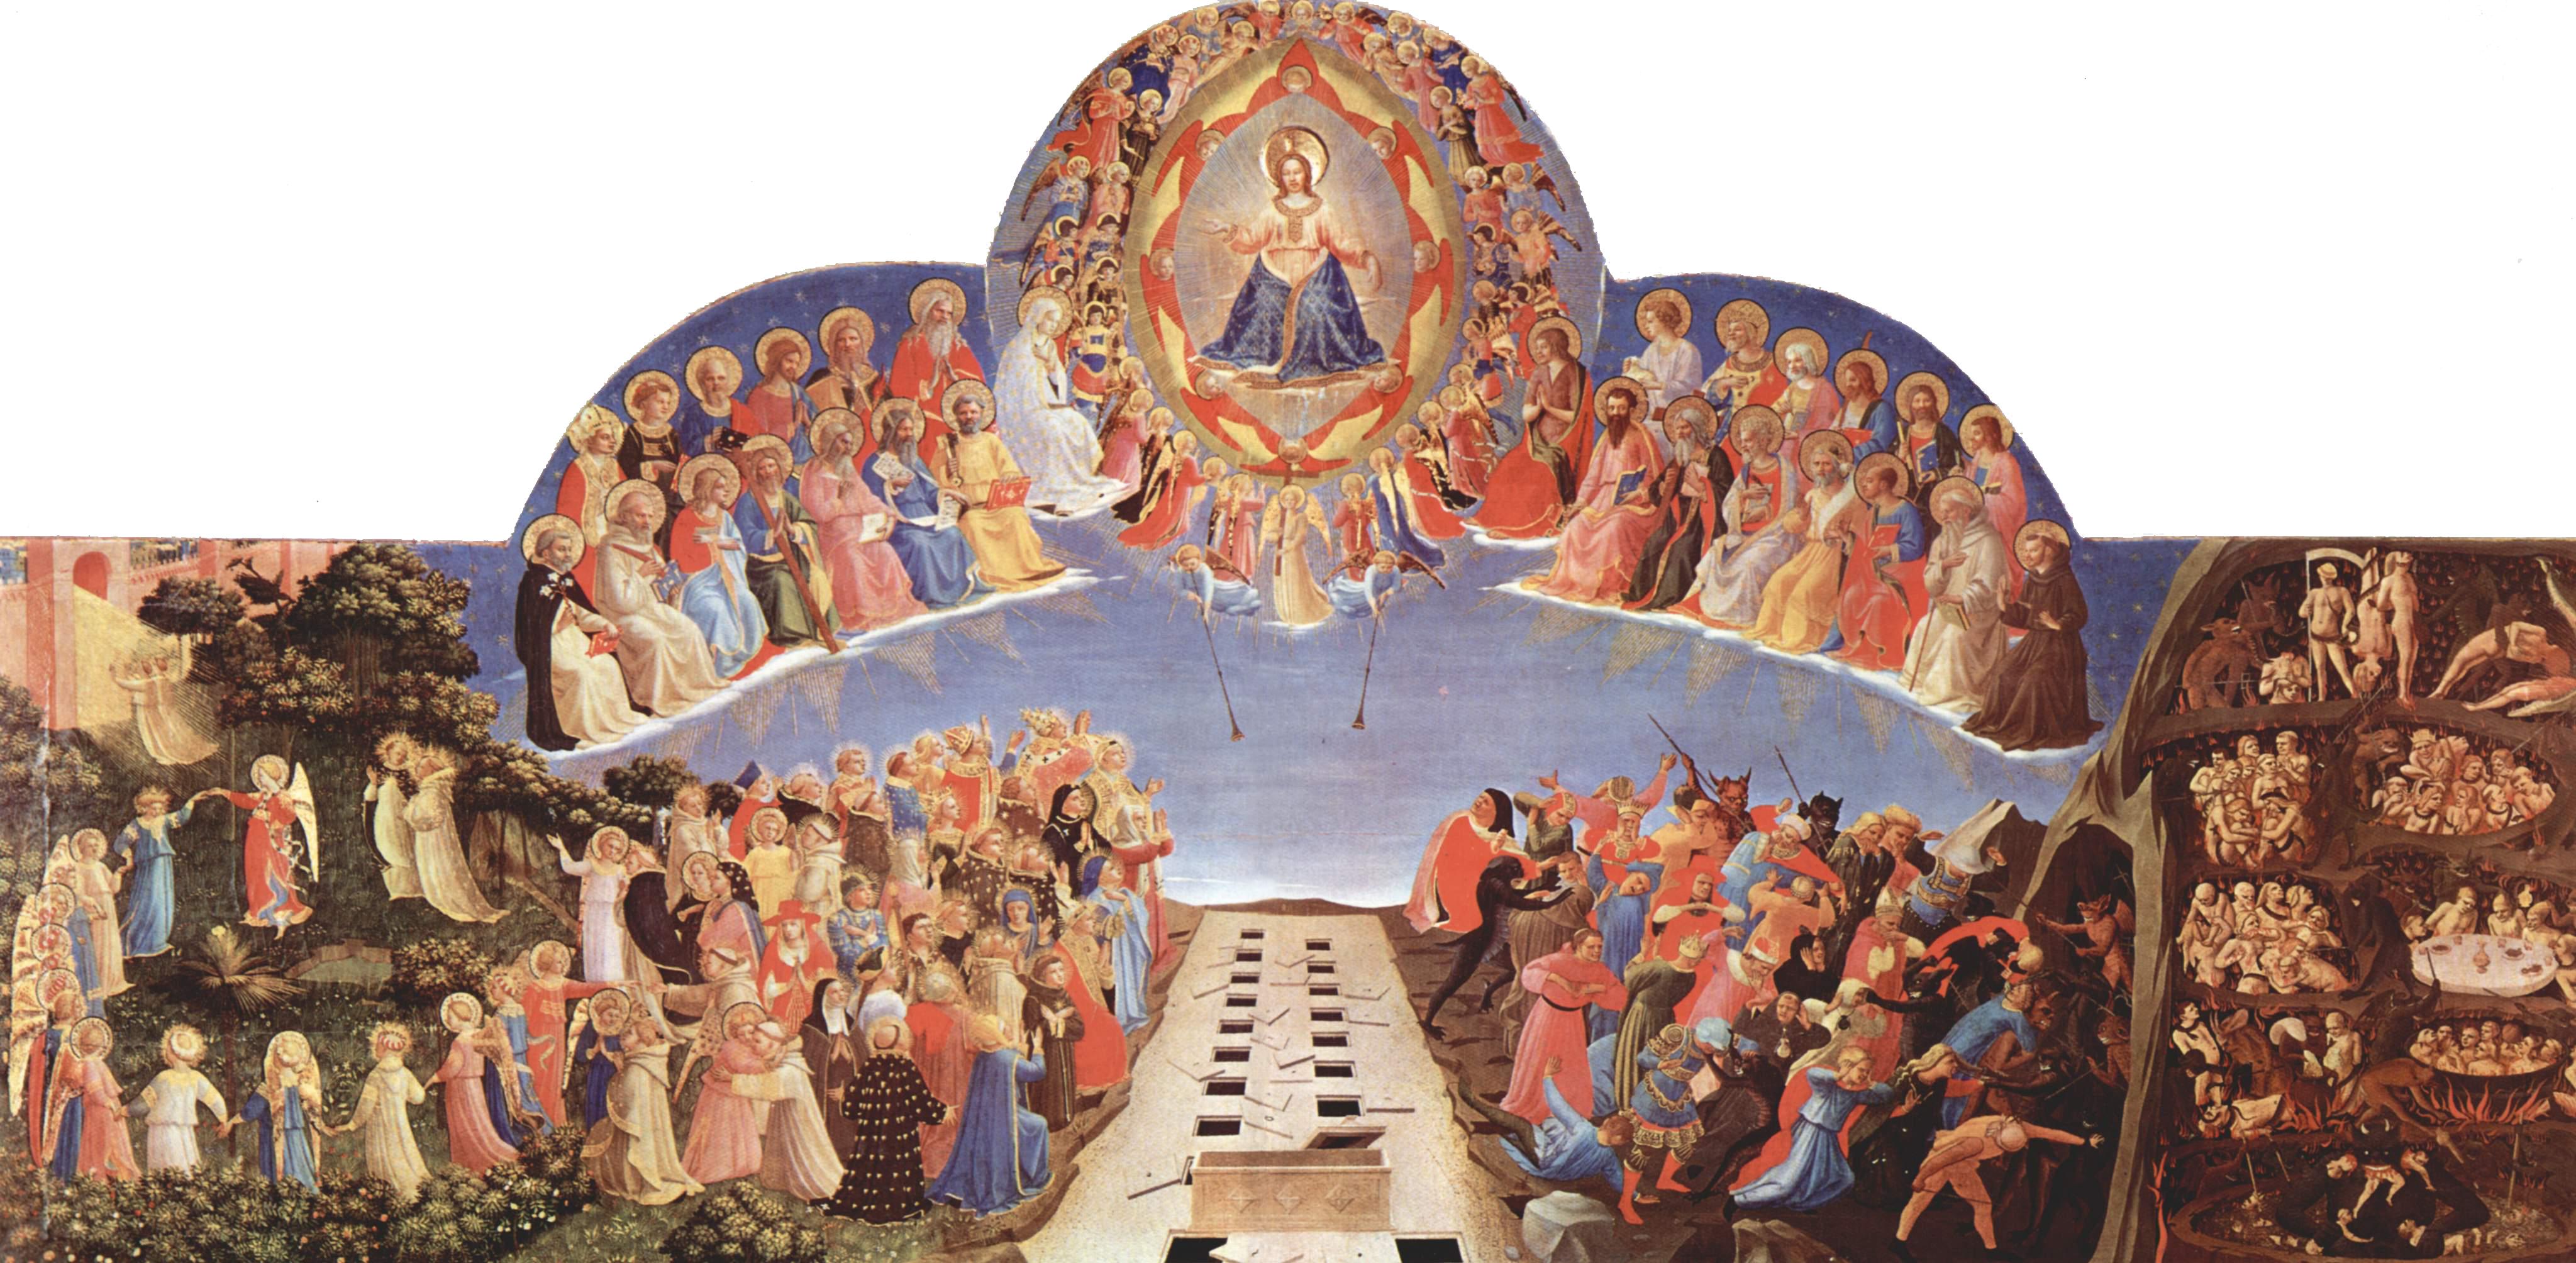 LISTE DES SAINTS CATHOLIQUES - bijoux-pierres-et-bien-etrecom